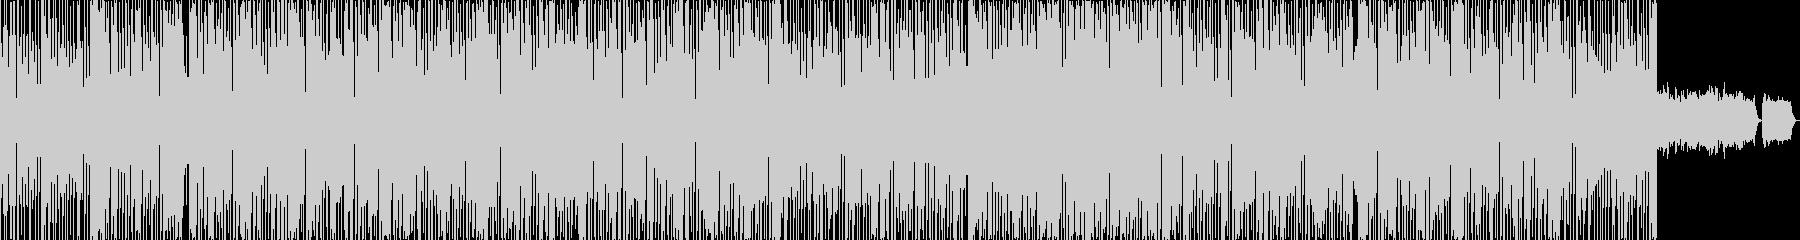 ストリングスとシンセリードが美しいポップの未再生の波形